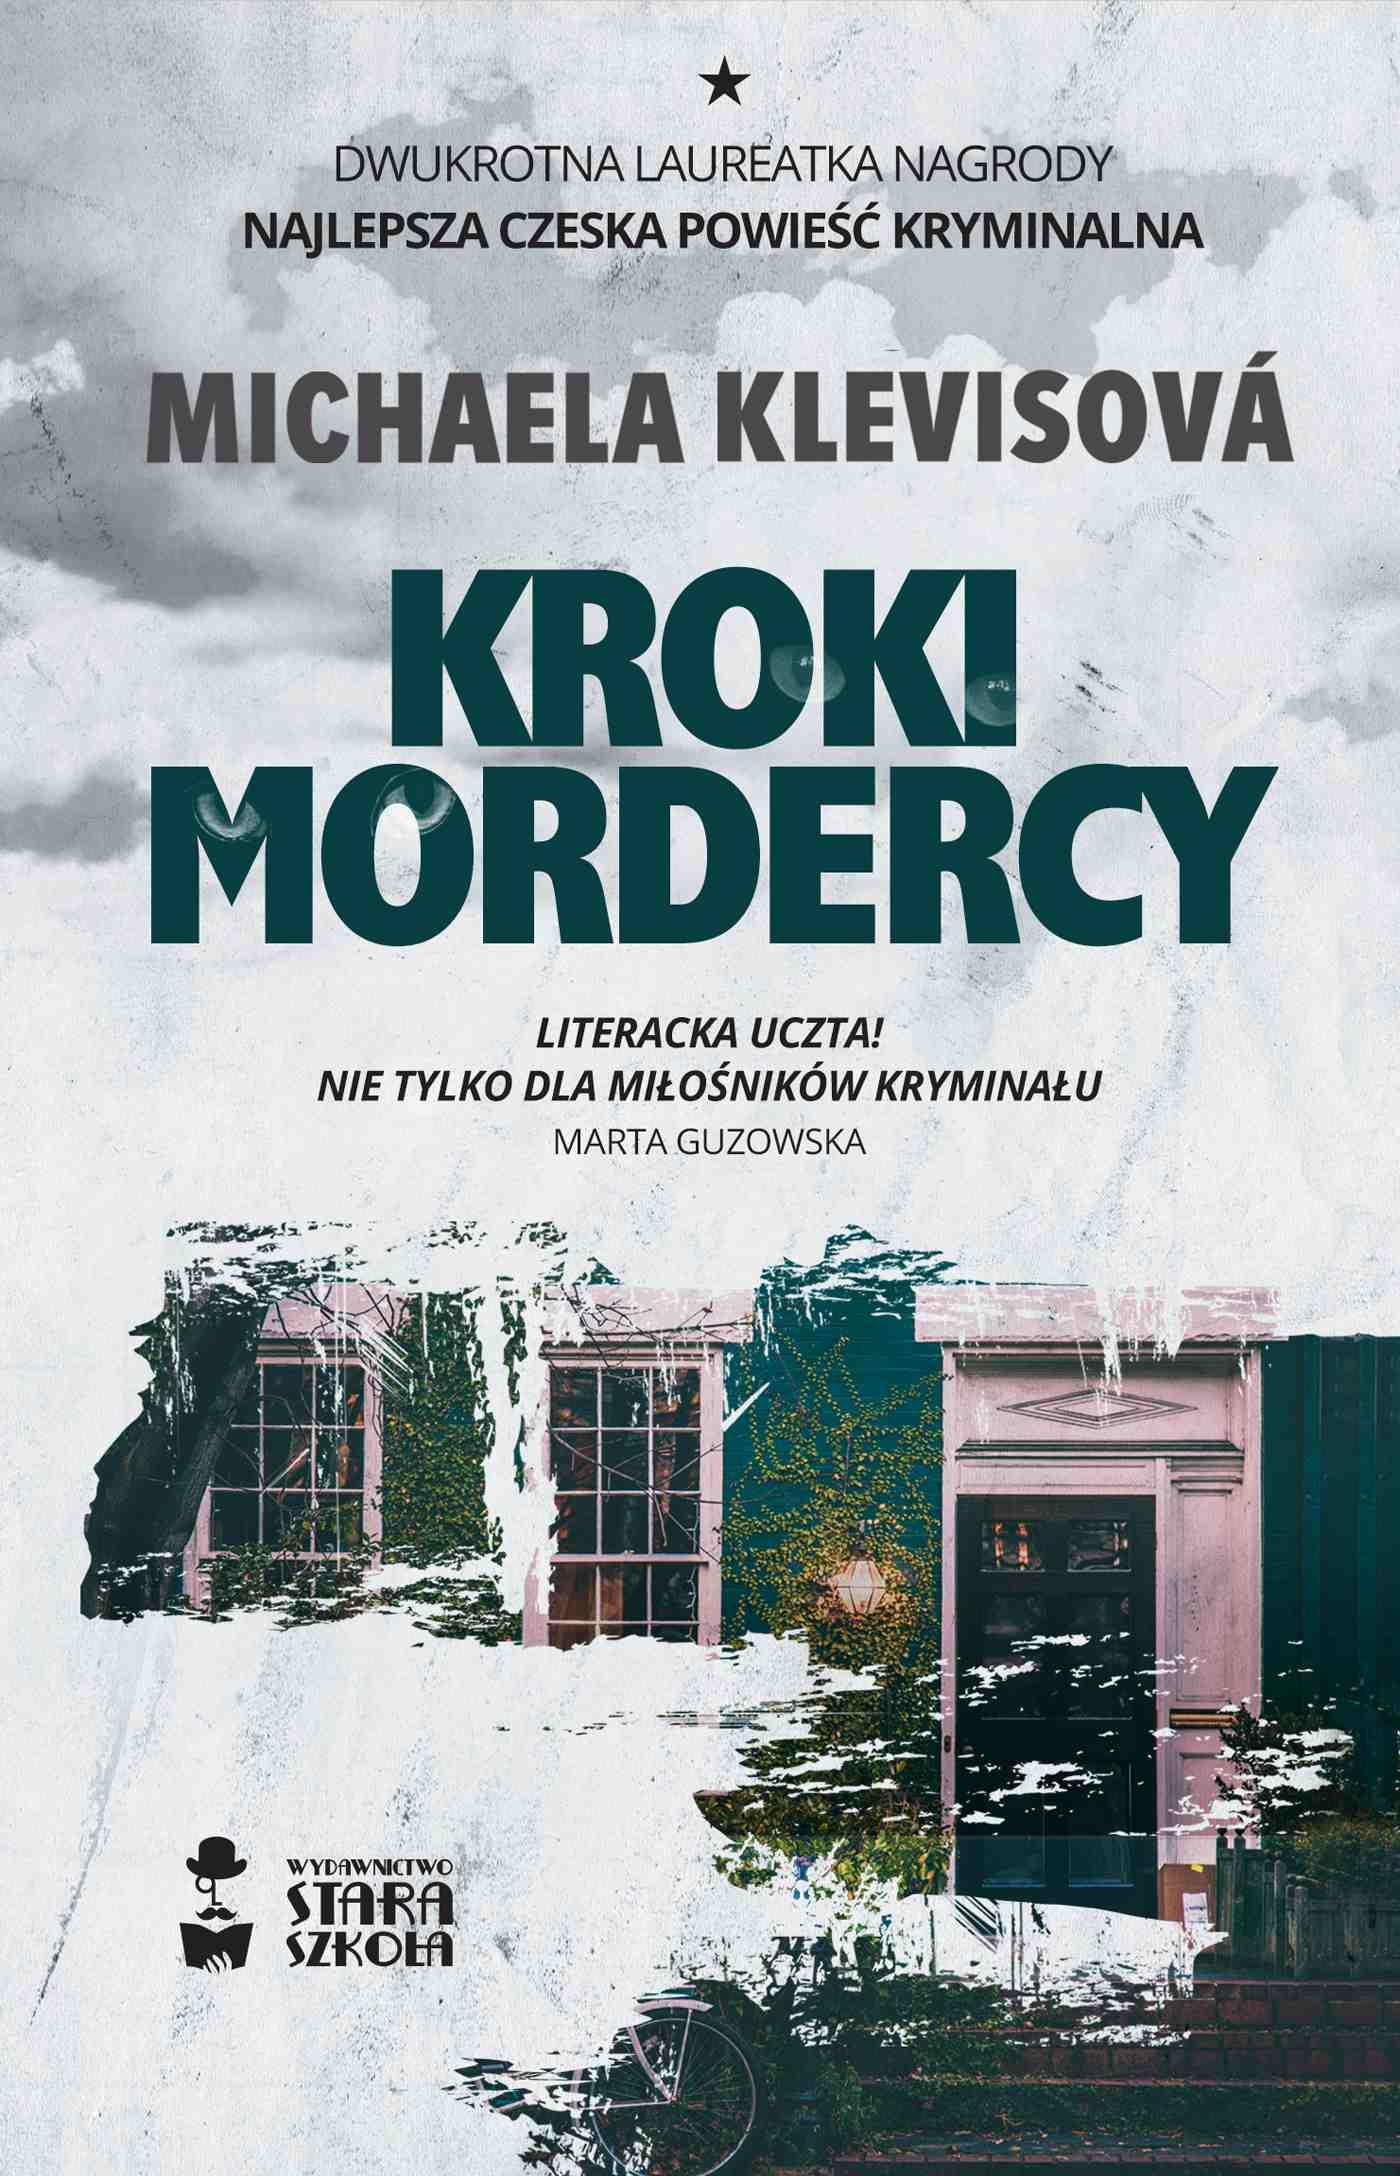 Kroki mordercy - Ebook (Książka EPUB) do pobrania w formacie EPUB